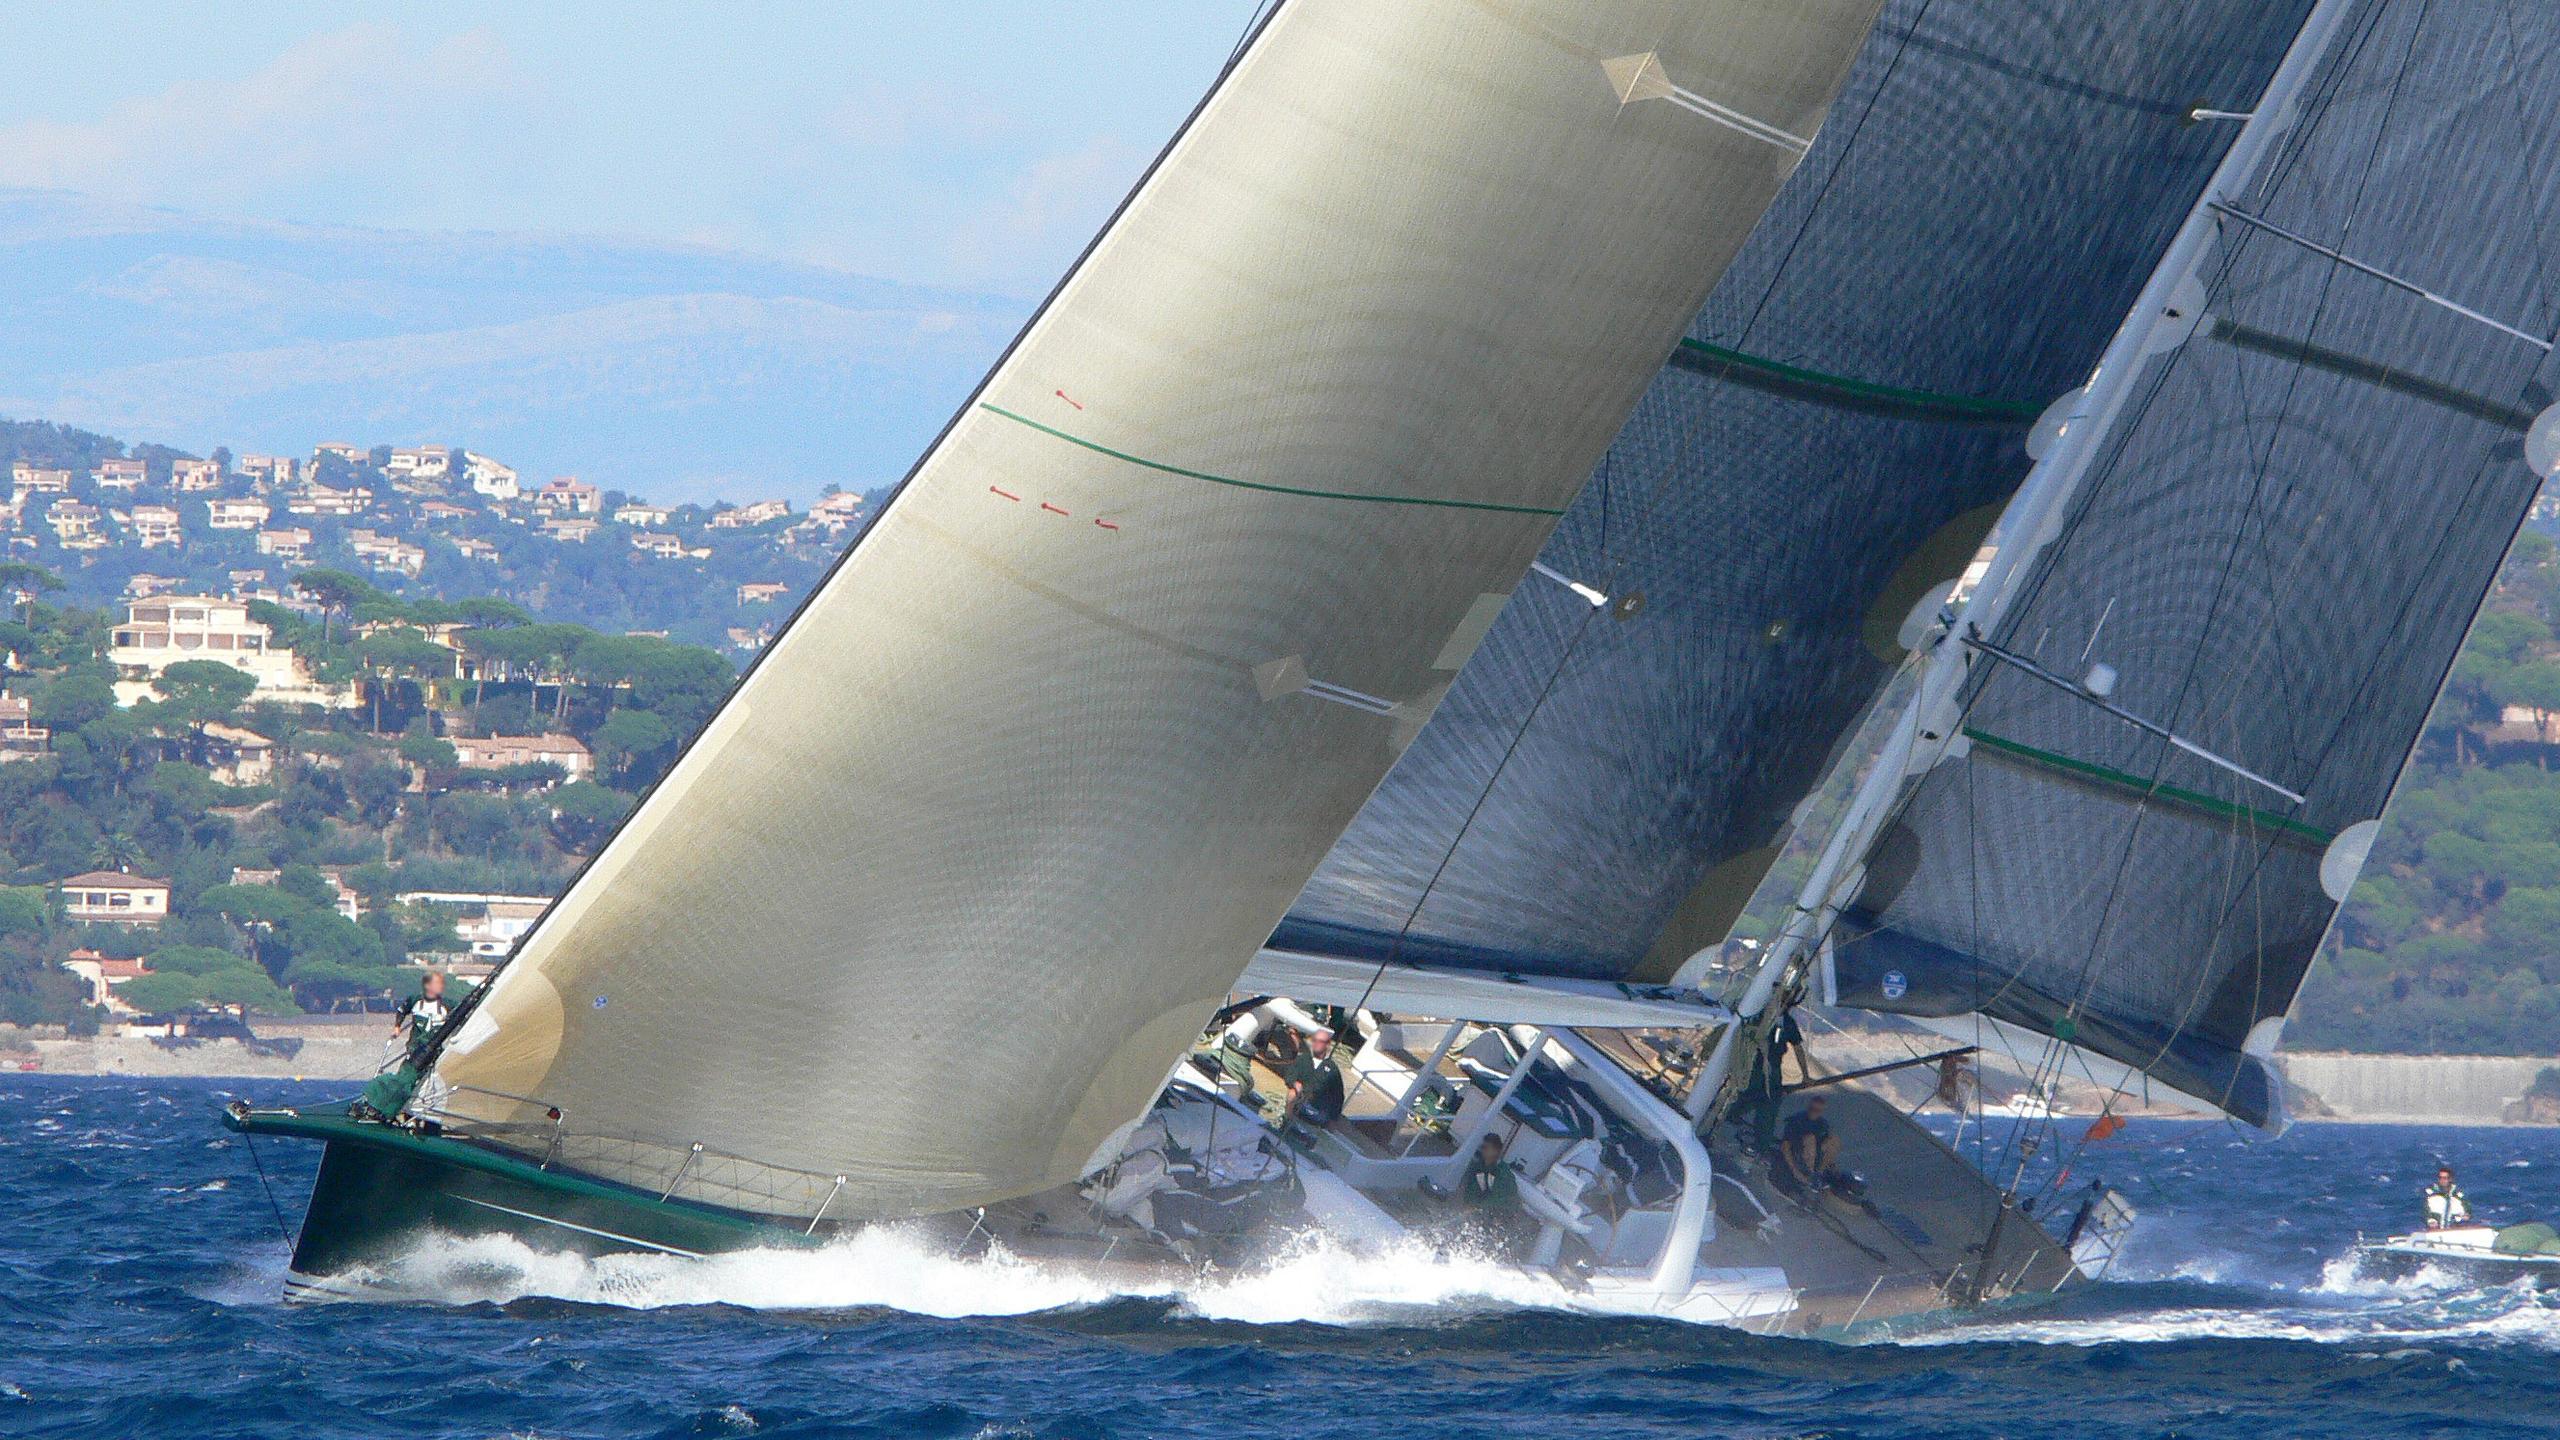 nariida-sailing-yacht-concordia-1994-32m-cruising